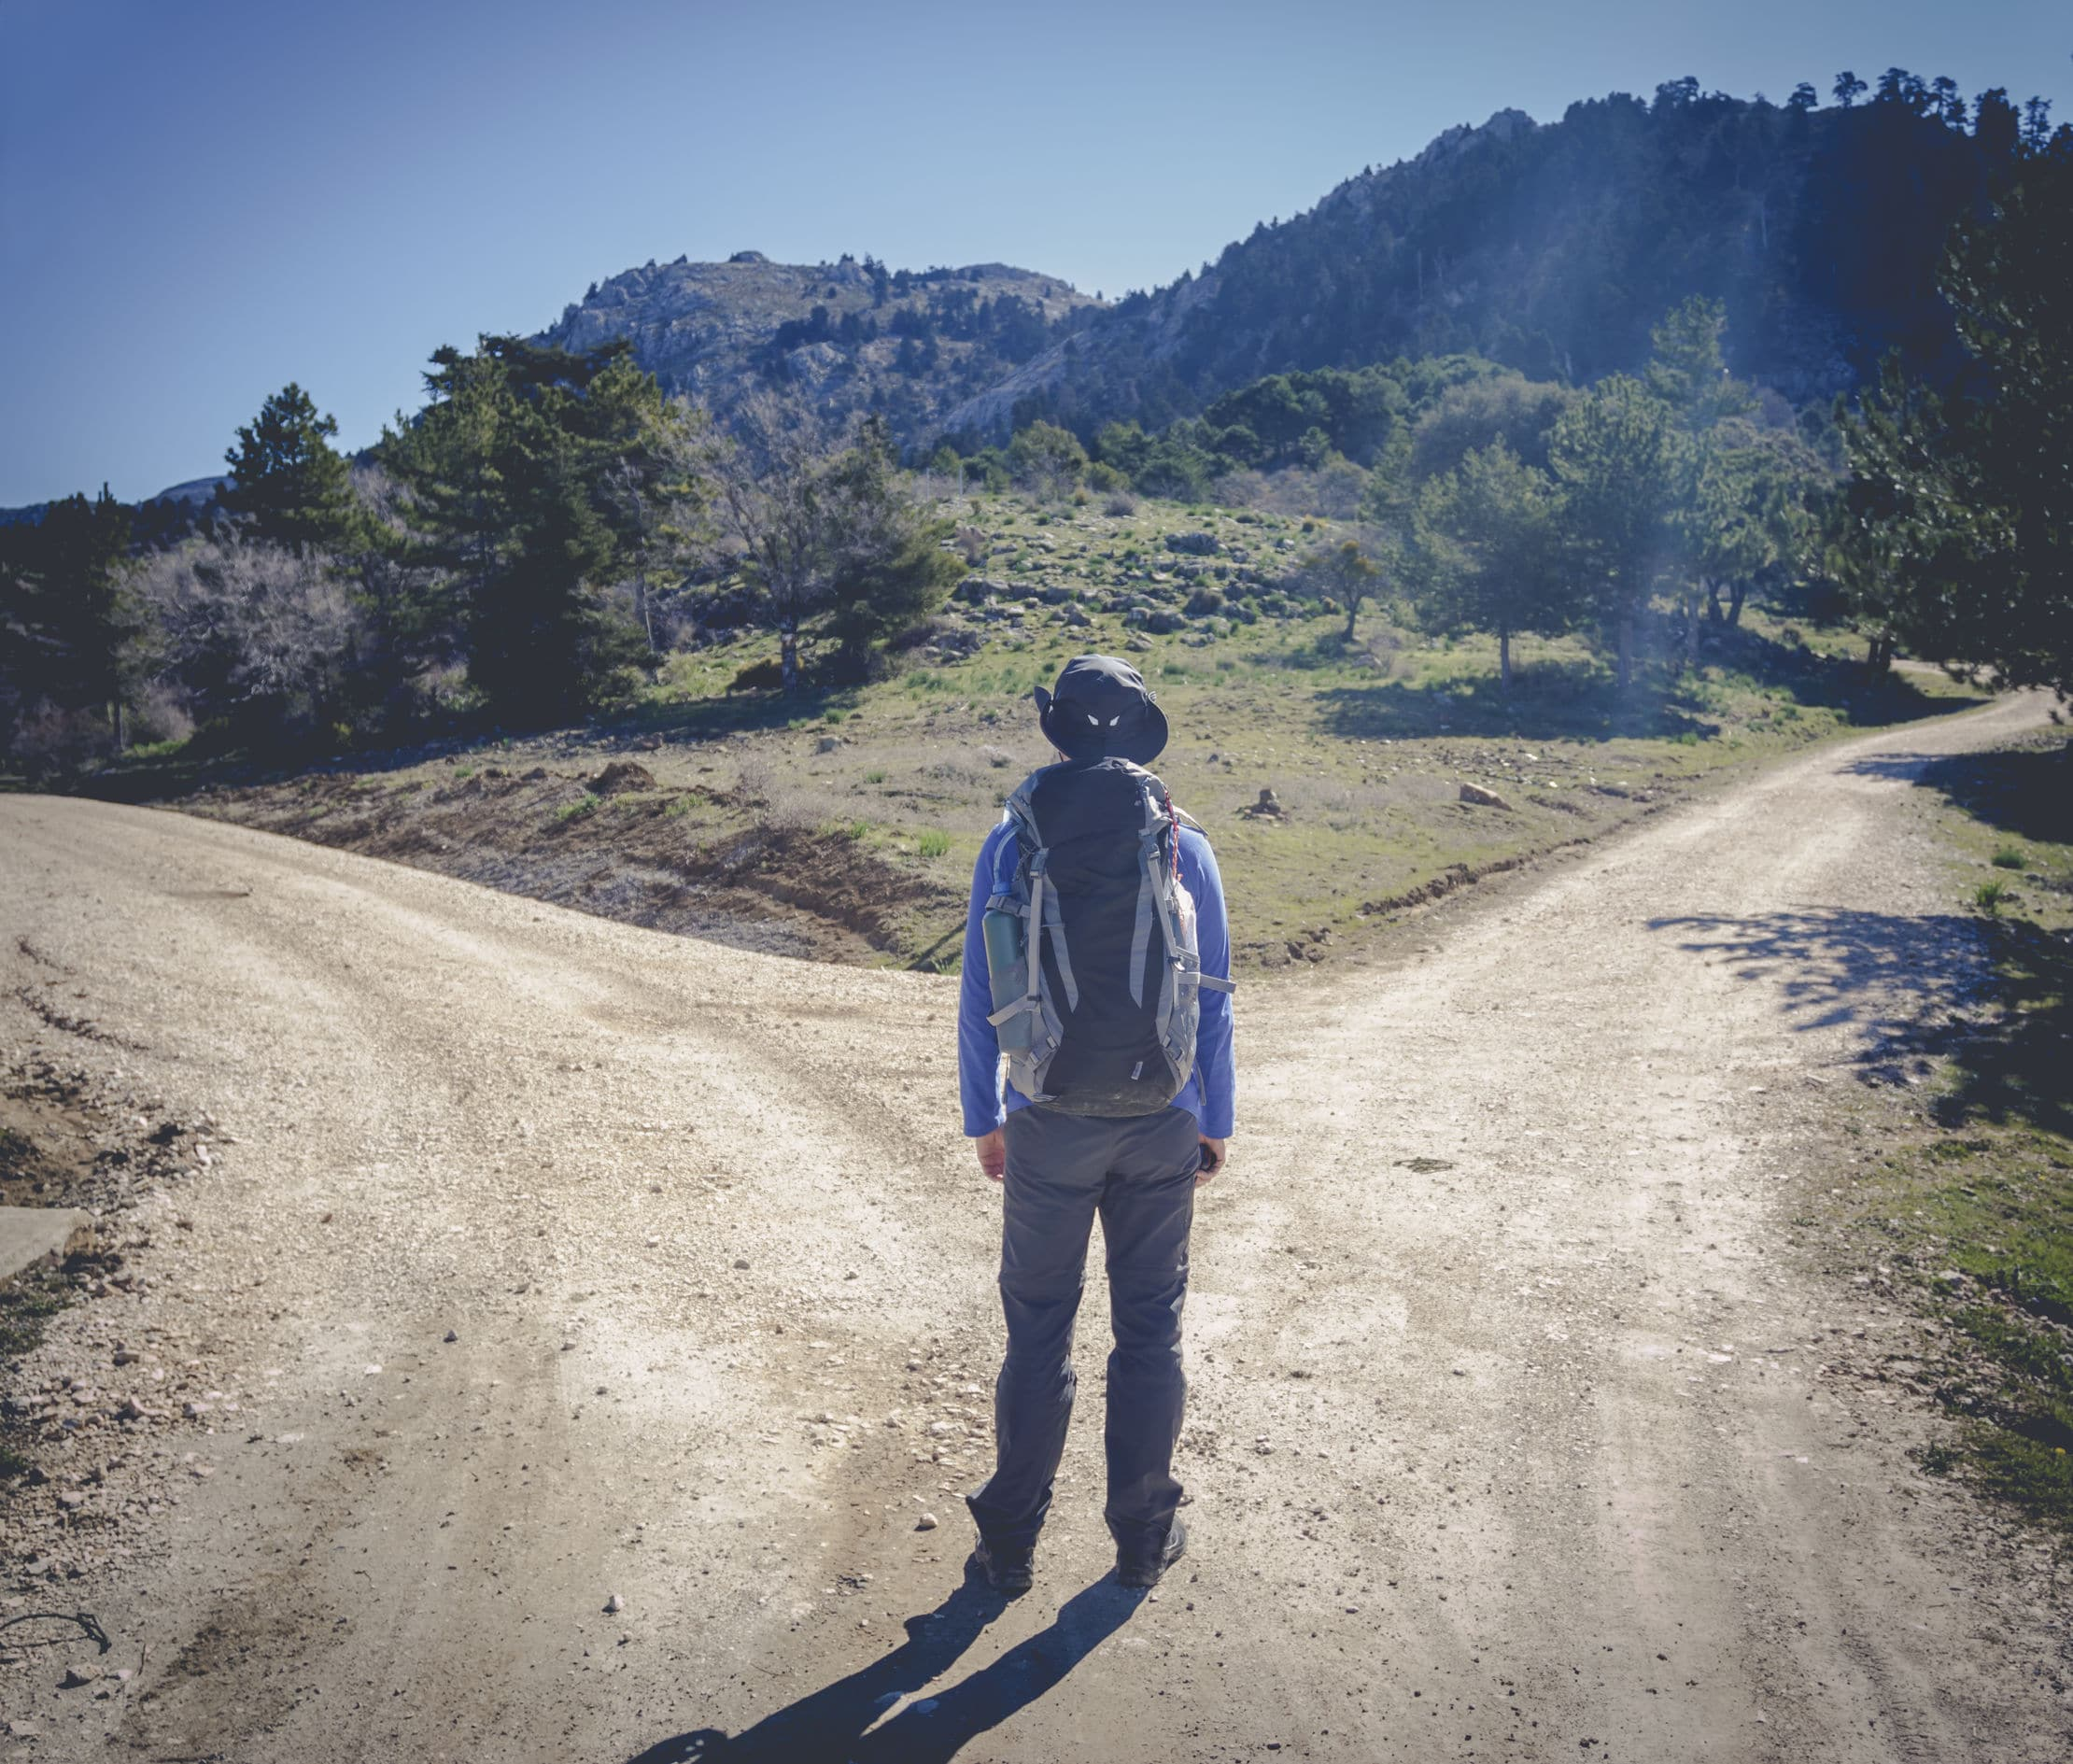 Homem em frente a duas vias de estrada.